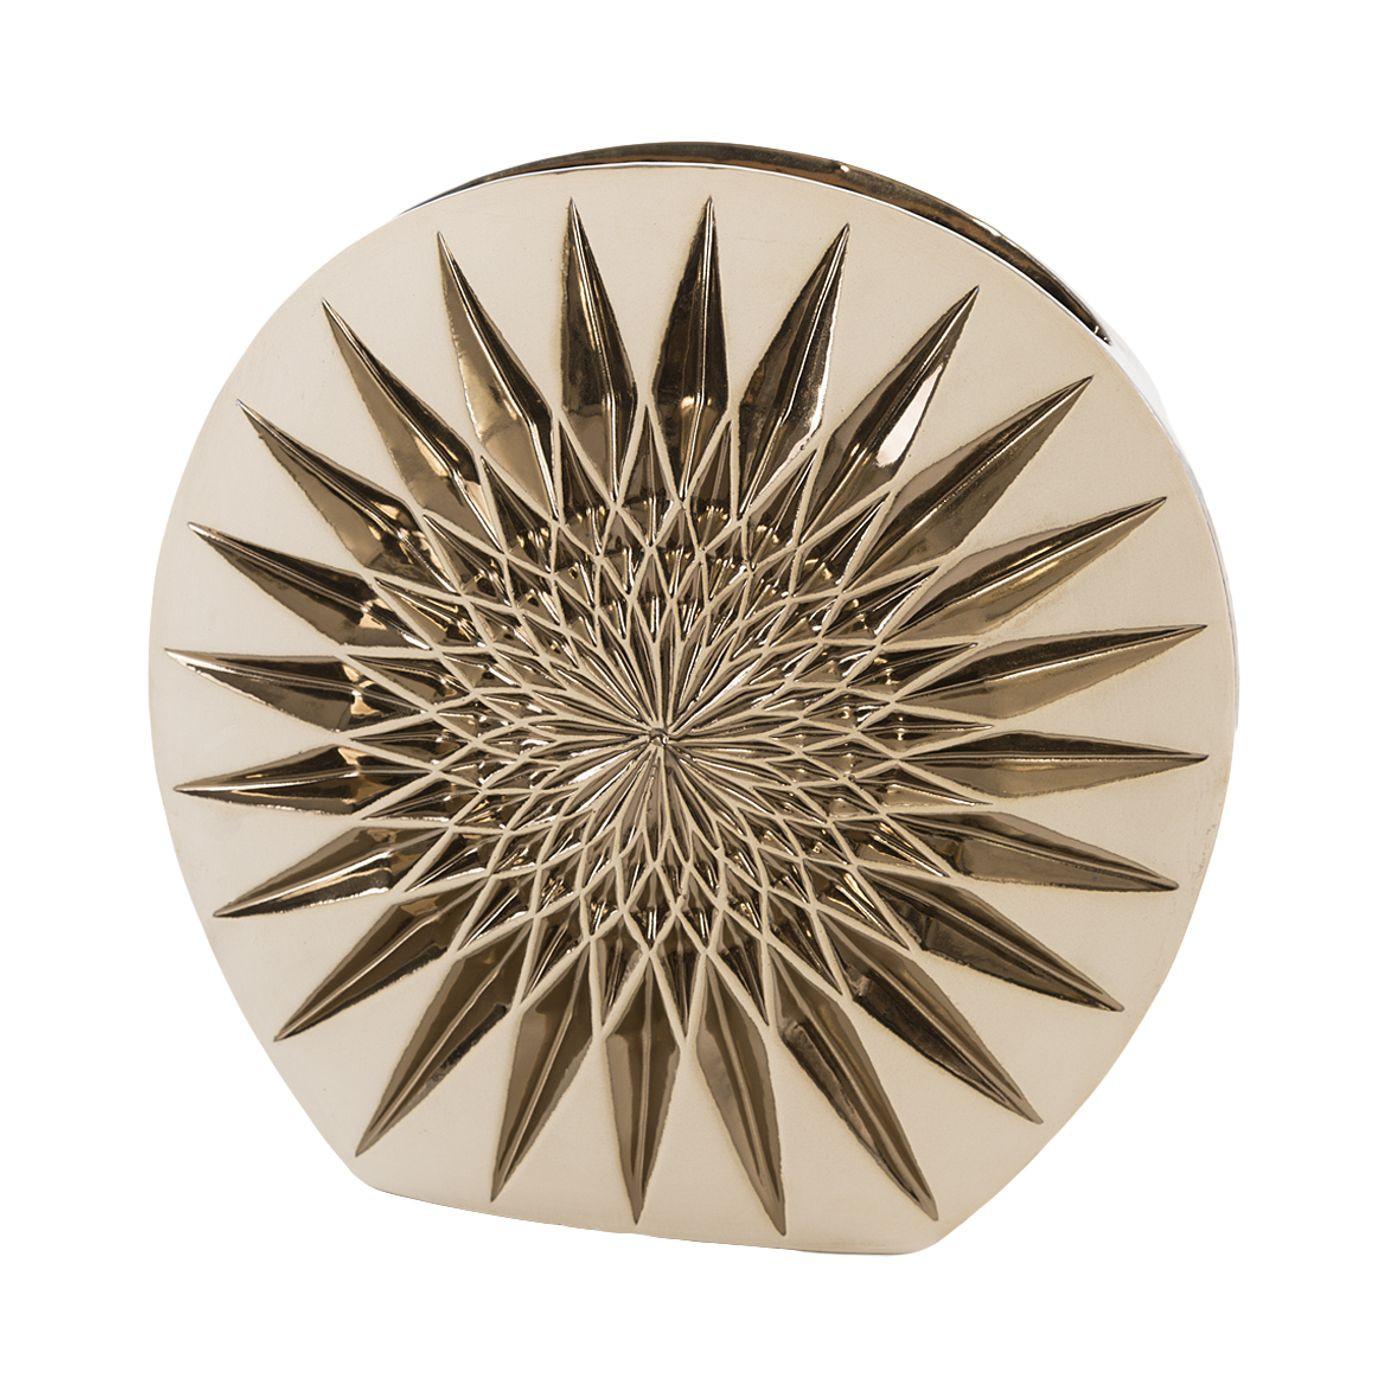 Wazon dekoracyjny porcelana stare złoto porcelana 38 cm